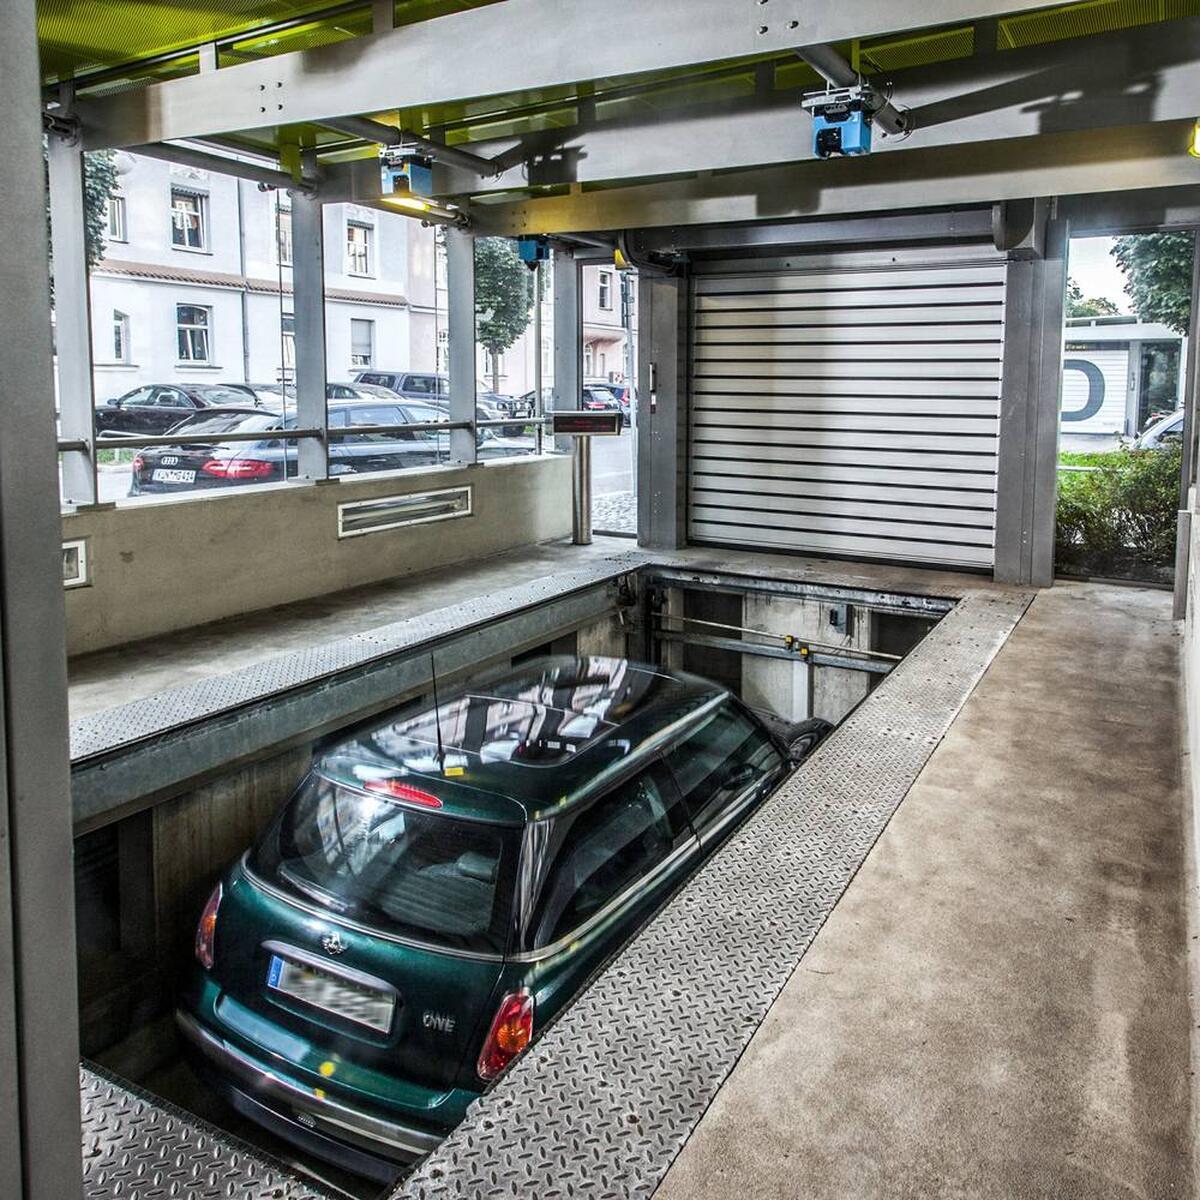 Multiparker 740 parcheggio automatico